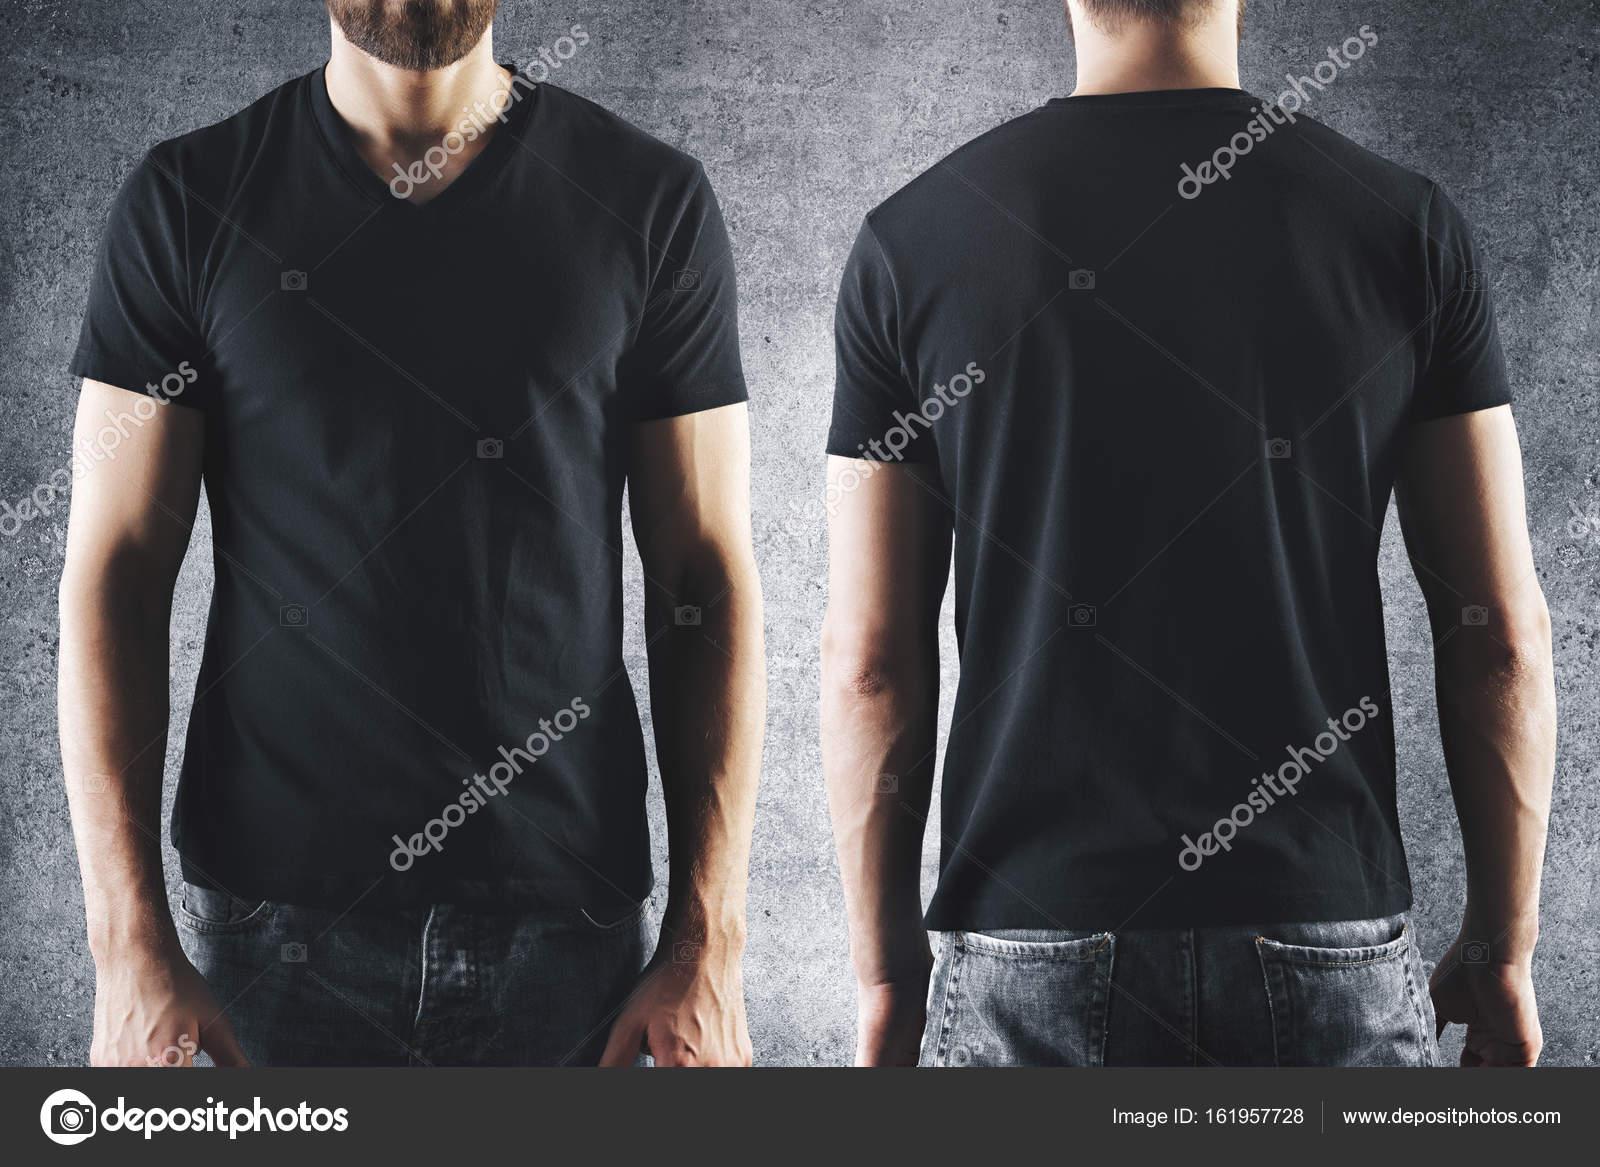 Männchen im leeren schwarzes t-shirt — Stockfoto © peshkova #161957728